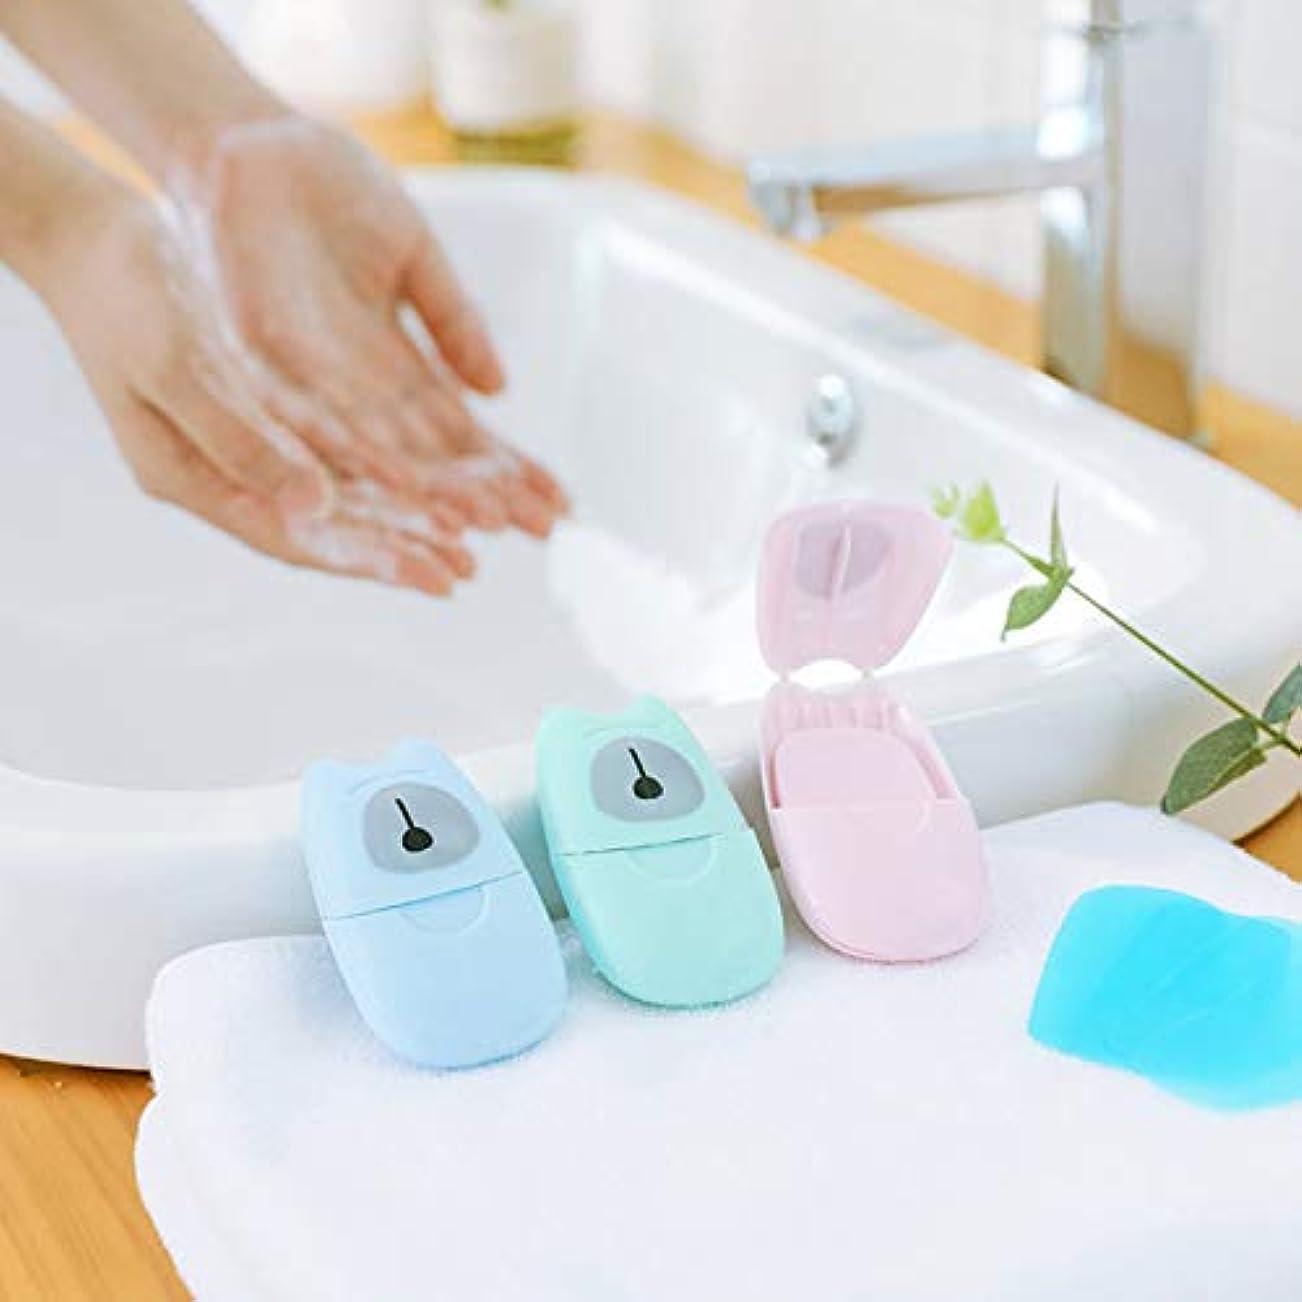 遠洋のレモンおびえた箱入り石鹸紙旅行ポータブル屋外手洗い石鹸の香りのスライスシート50ピースプラスチックボックス付きミニ石鹸紙(色:緑)